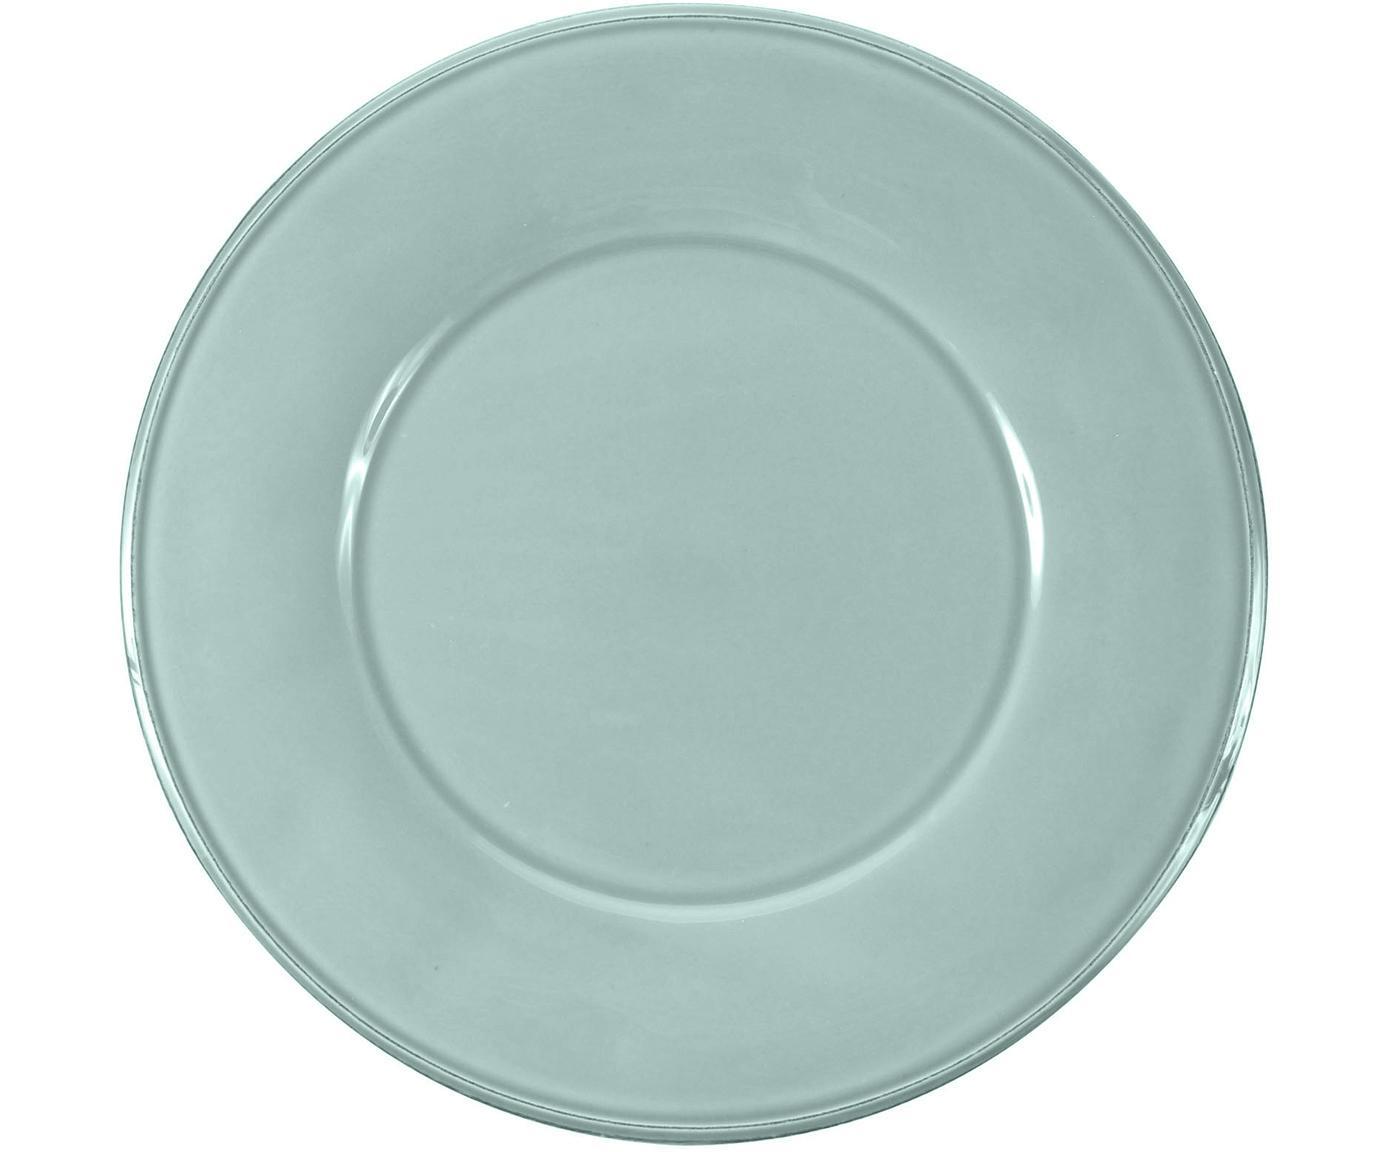 Dinerbord Constance in mintgroen, 2 stuks, Keramiek, Mintgroen, Ø 29 cm